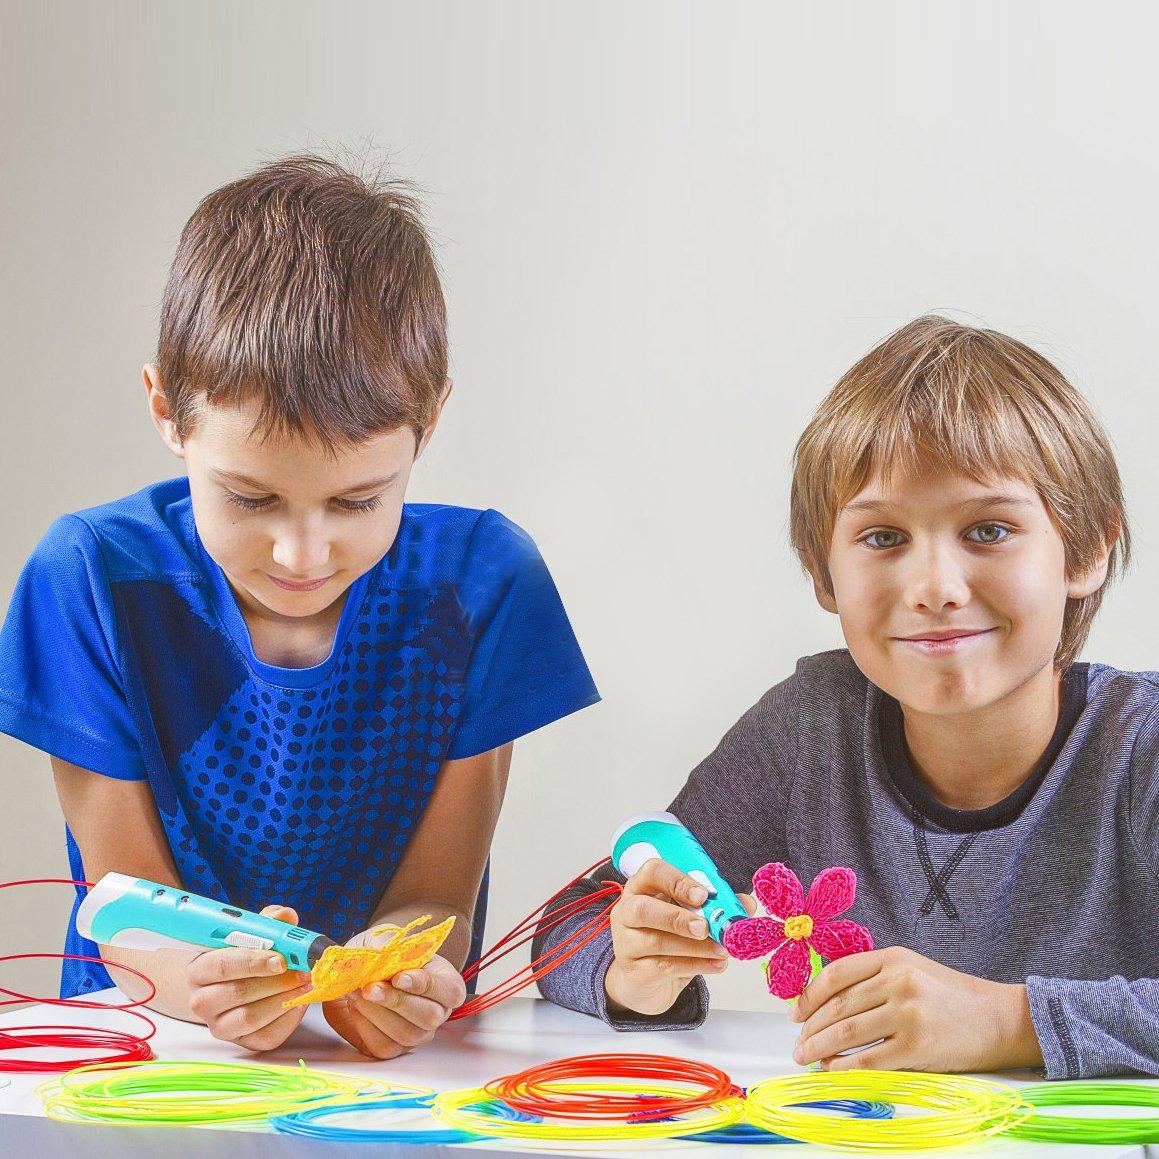 Doodler Modellbau und Kunsthandwerk Werkzeug Kompatibel mit PLA und ABS Filament Refills Low Temperature 3D-Druck-Feder mit LED-Anzeige für Kinder und Erwachsene BESTHING 3D Printing Stift